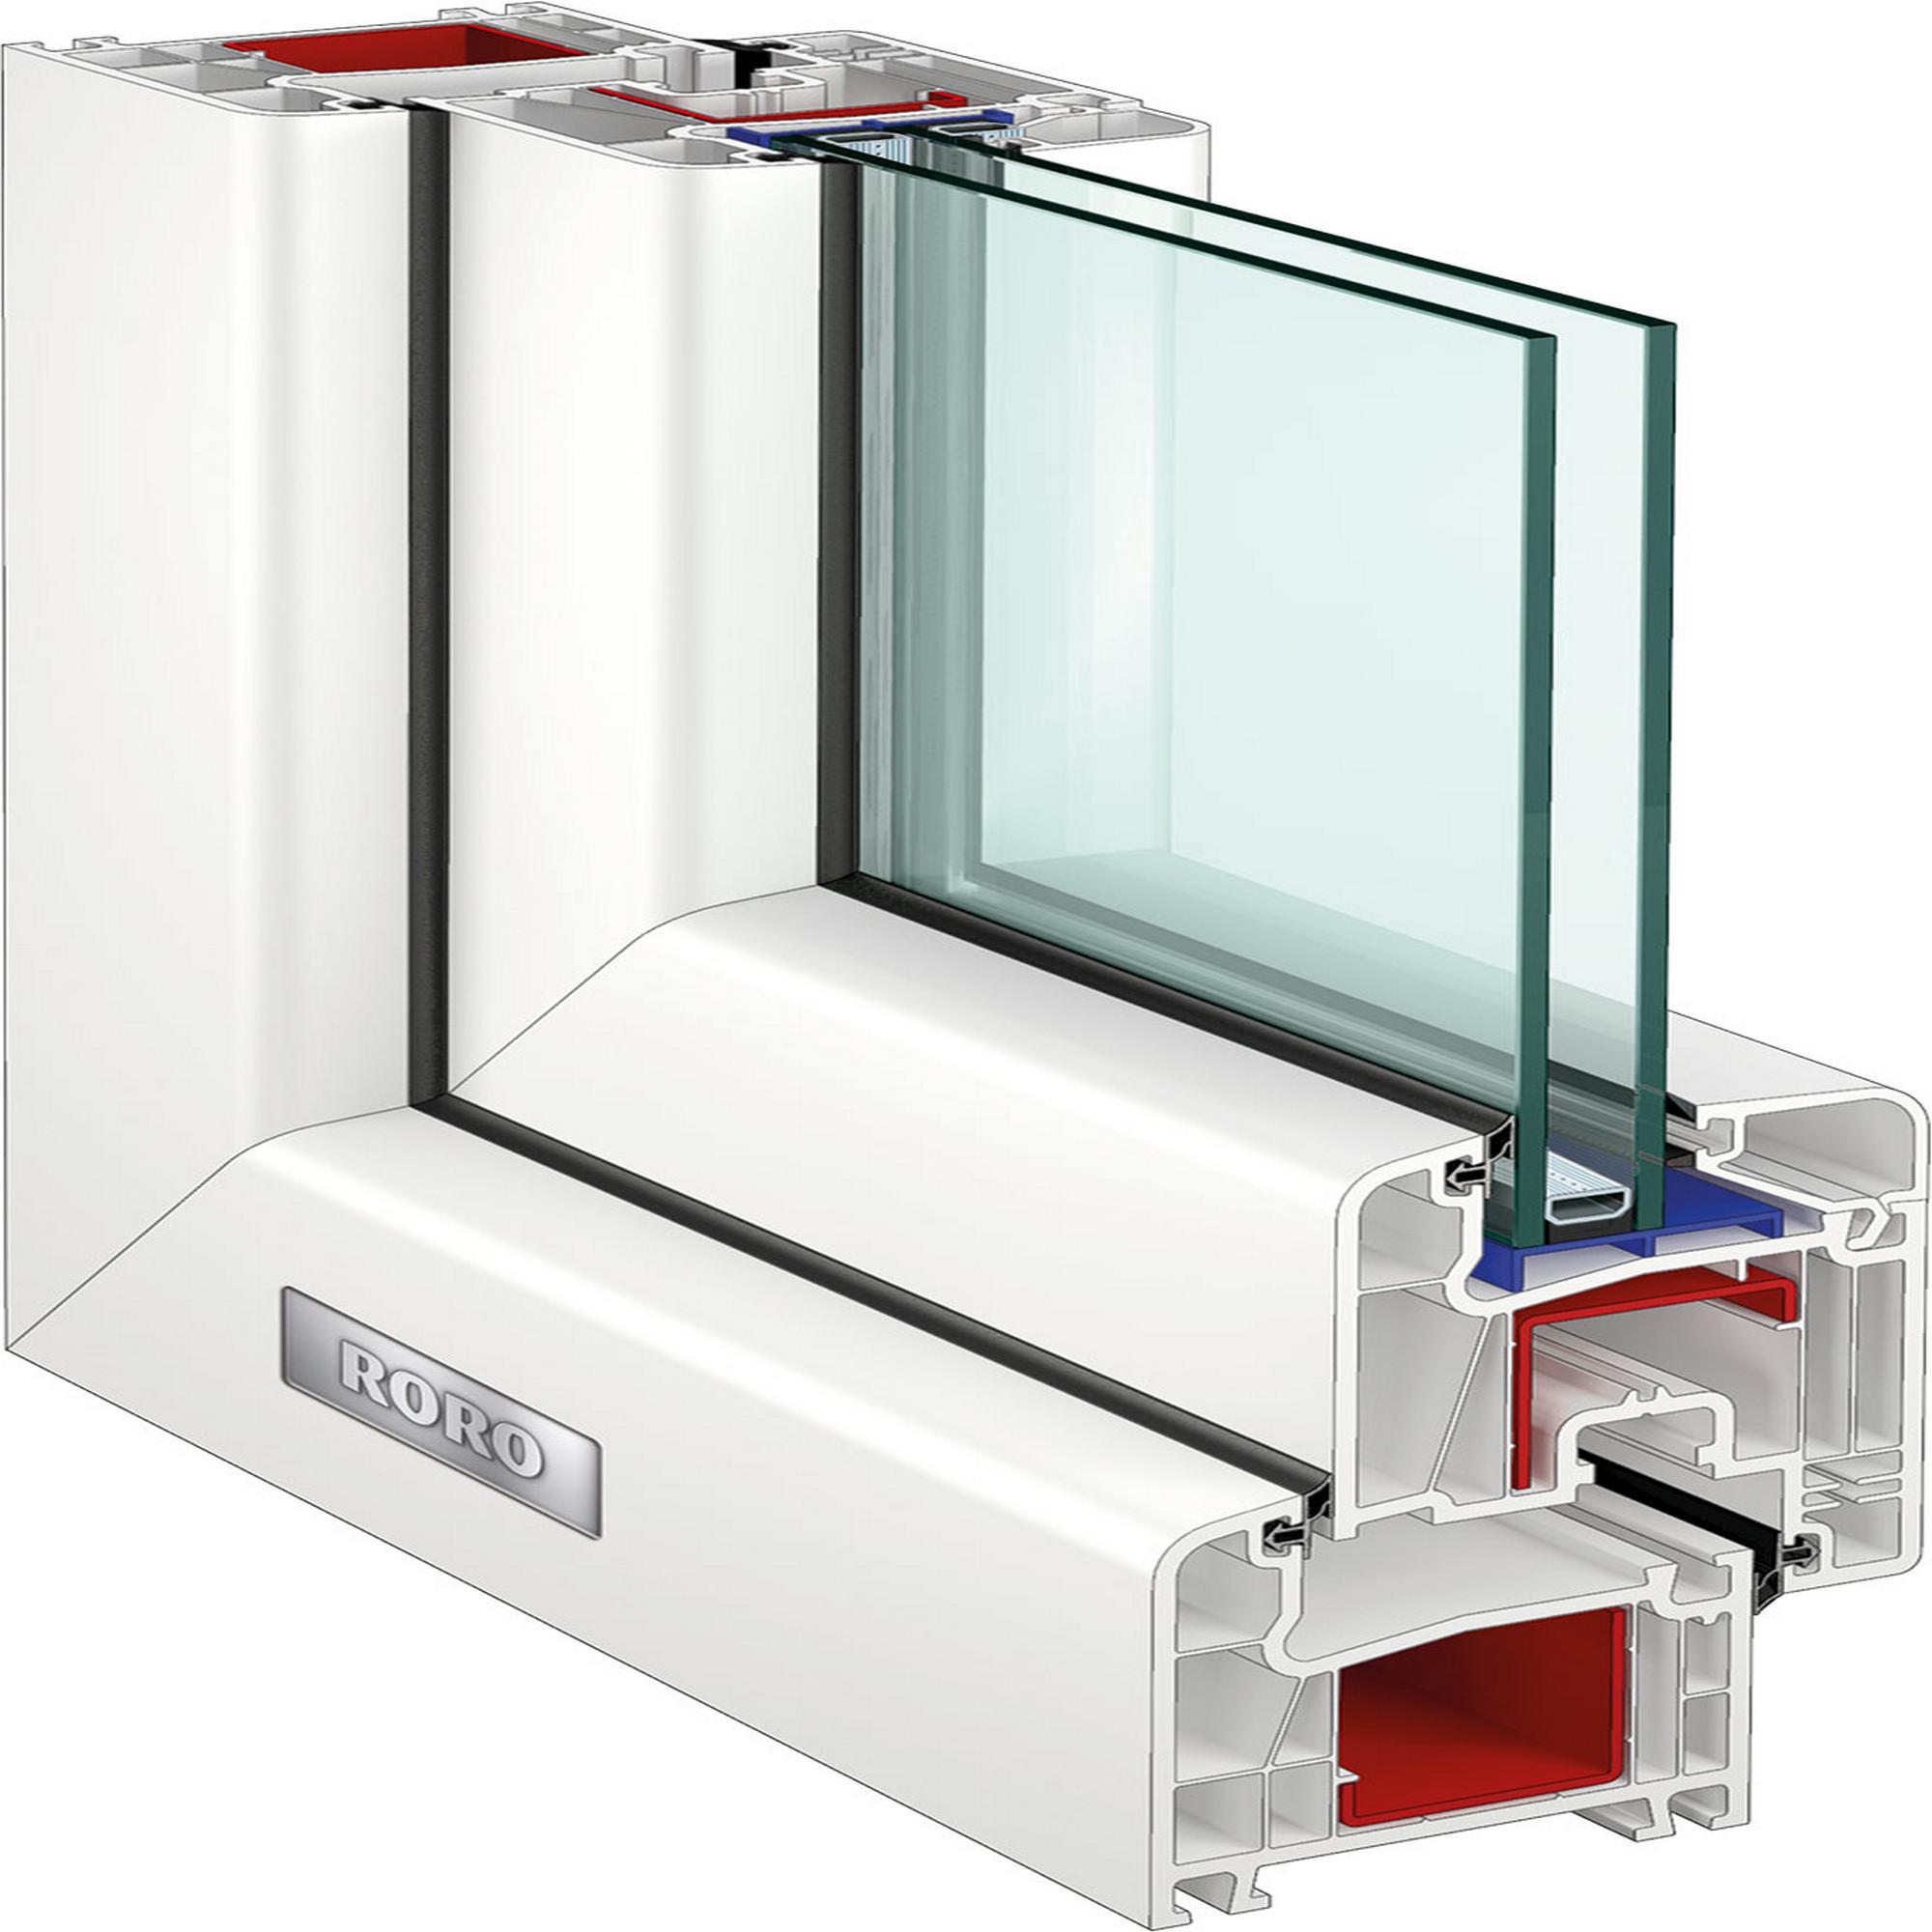 Fenster Mit Folie Bekleben Affordable Folie Fenster Hausliche J